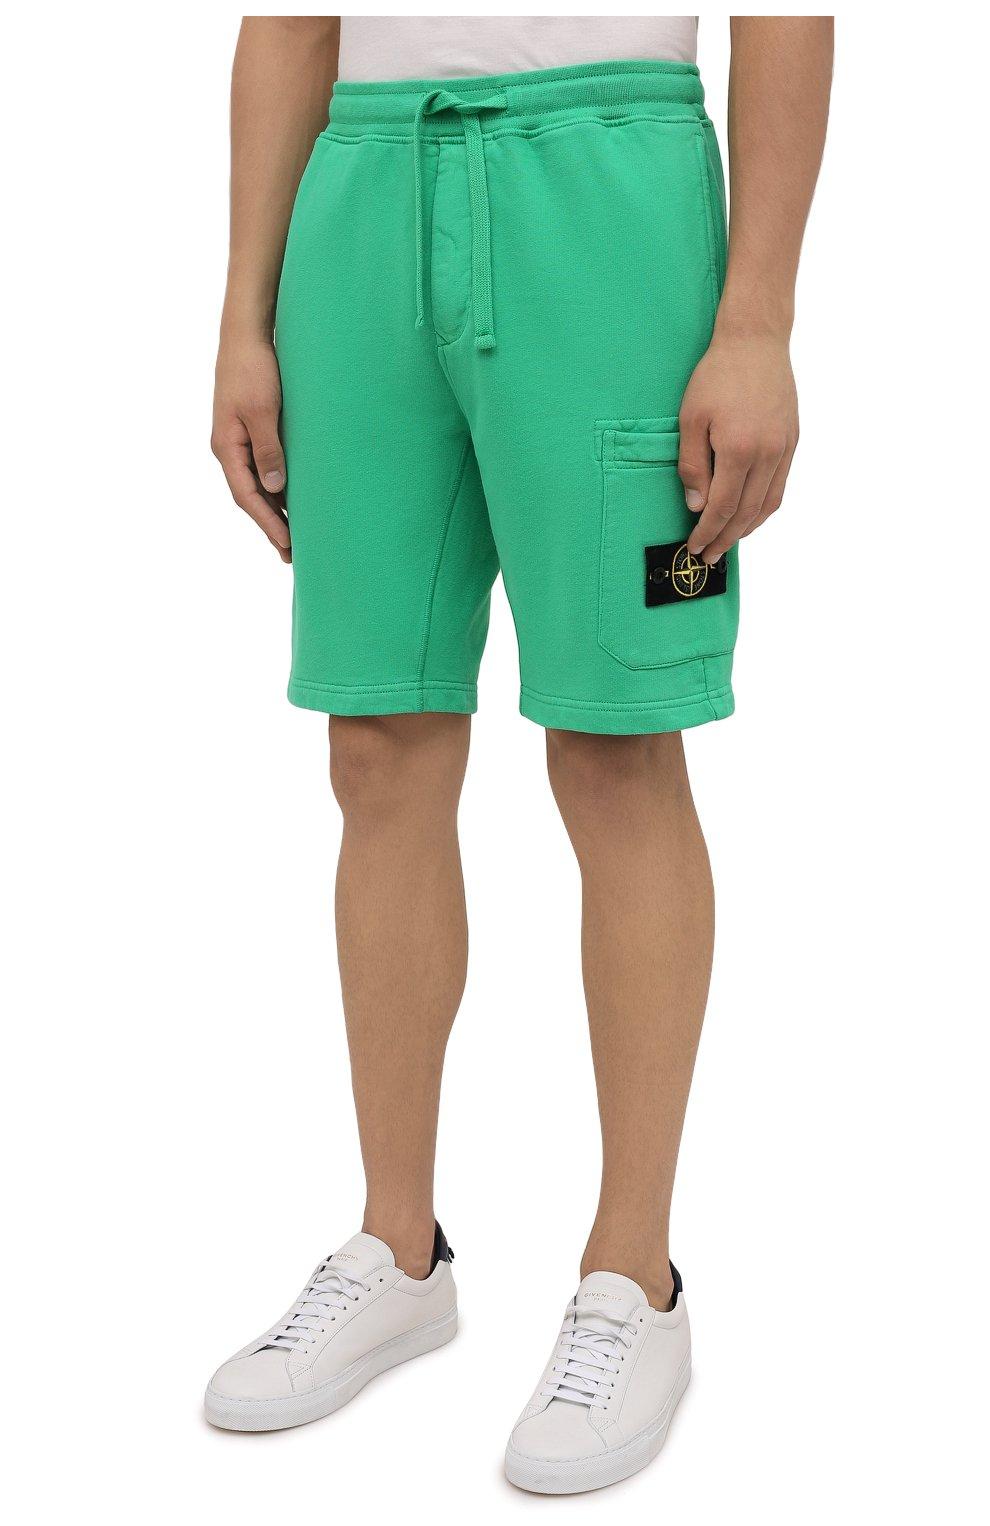 Мужские хлопковые шорты STONE ISLAND зеленого цвета, арт. 751564620 | Фото 3 (Длина Шорты М: До колена; Принт: Без принта; Кросс-КТ: Спорт; Материал внешний: Хлопок; Стили: Спорт-шик)